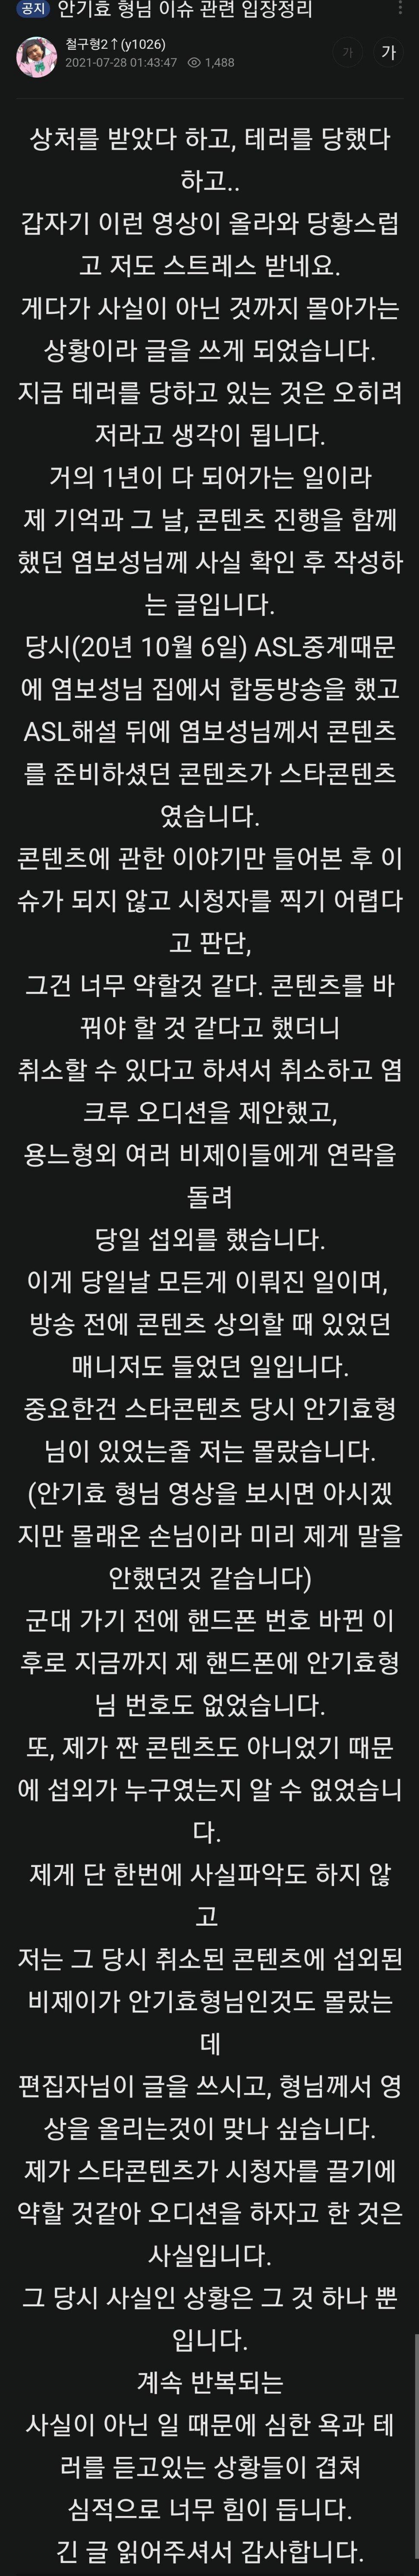 [철구 공지] 안기효 형님 이슈 관련 입장정리